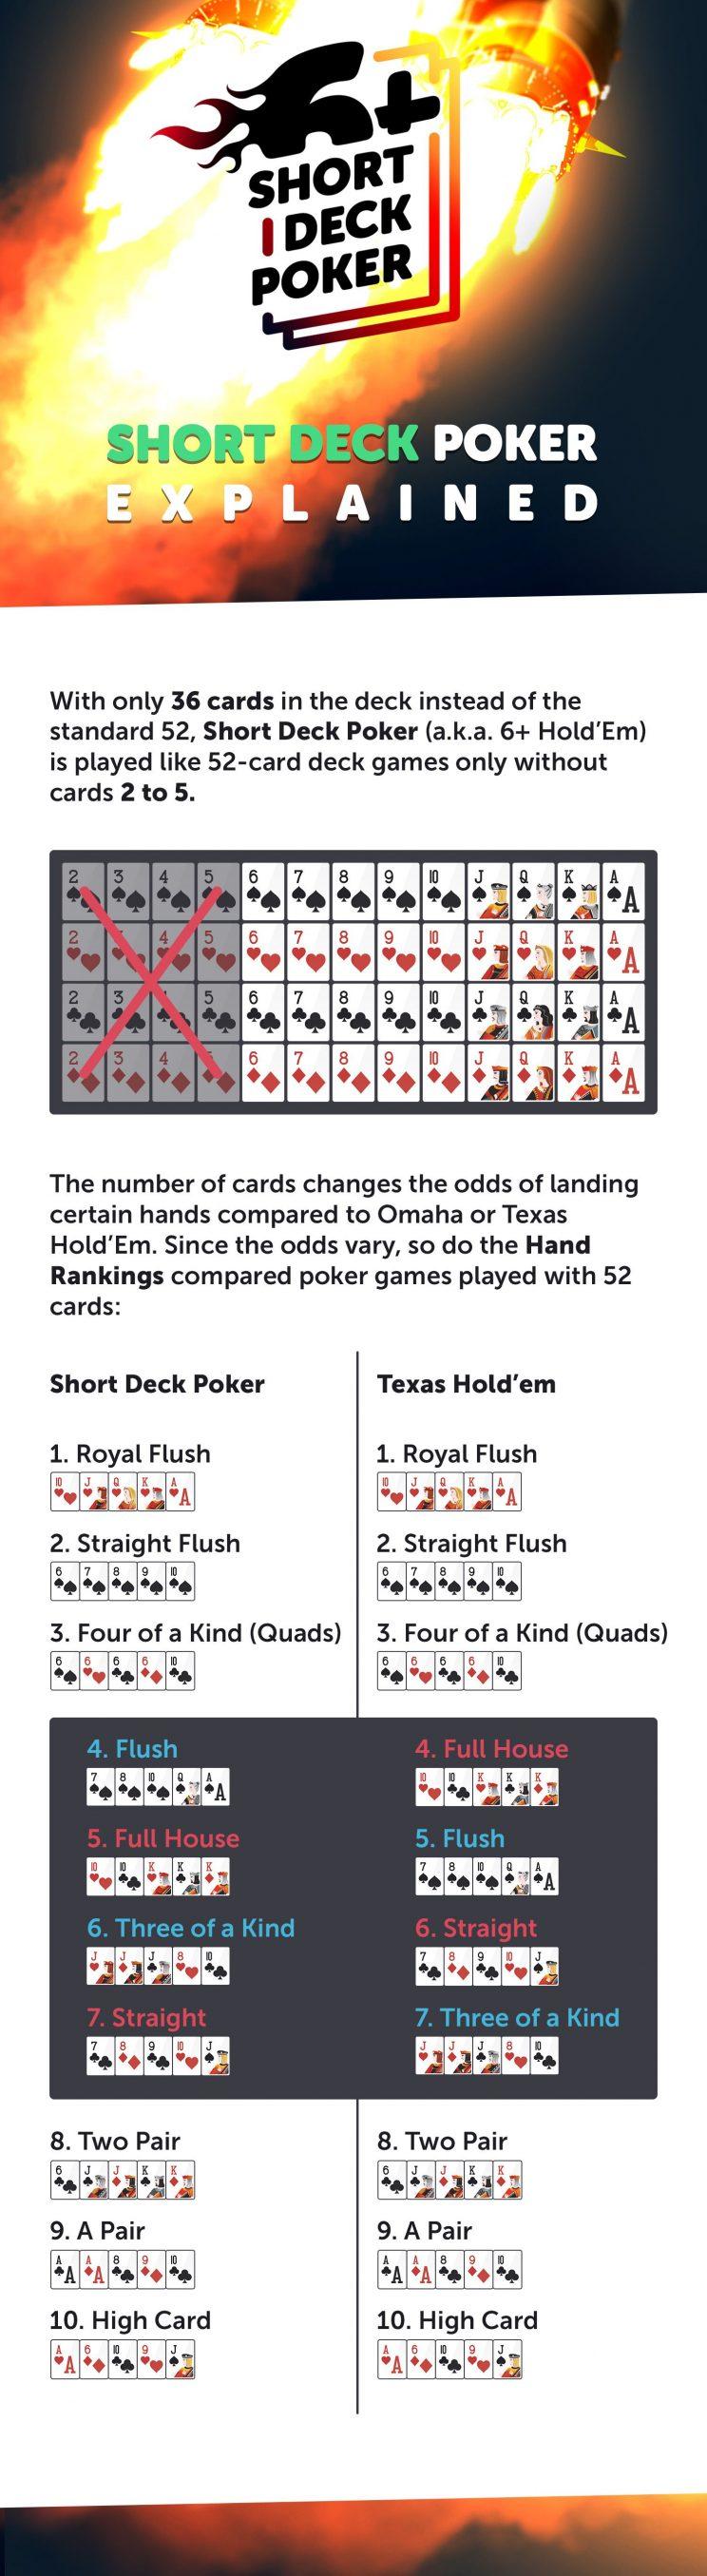 Short Deck Poker on CoinPoker